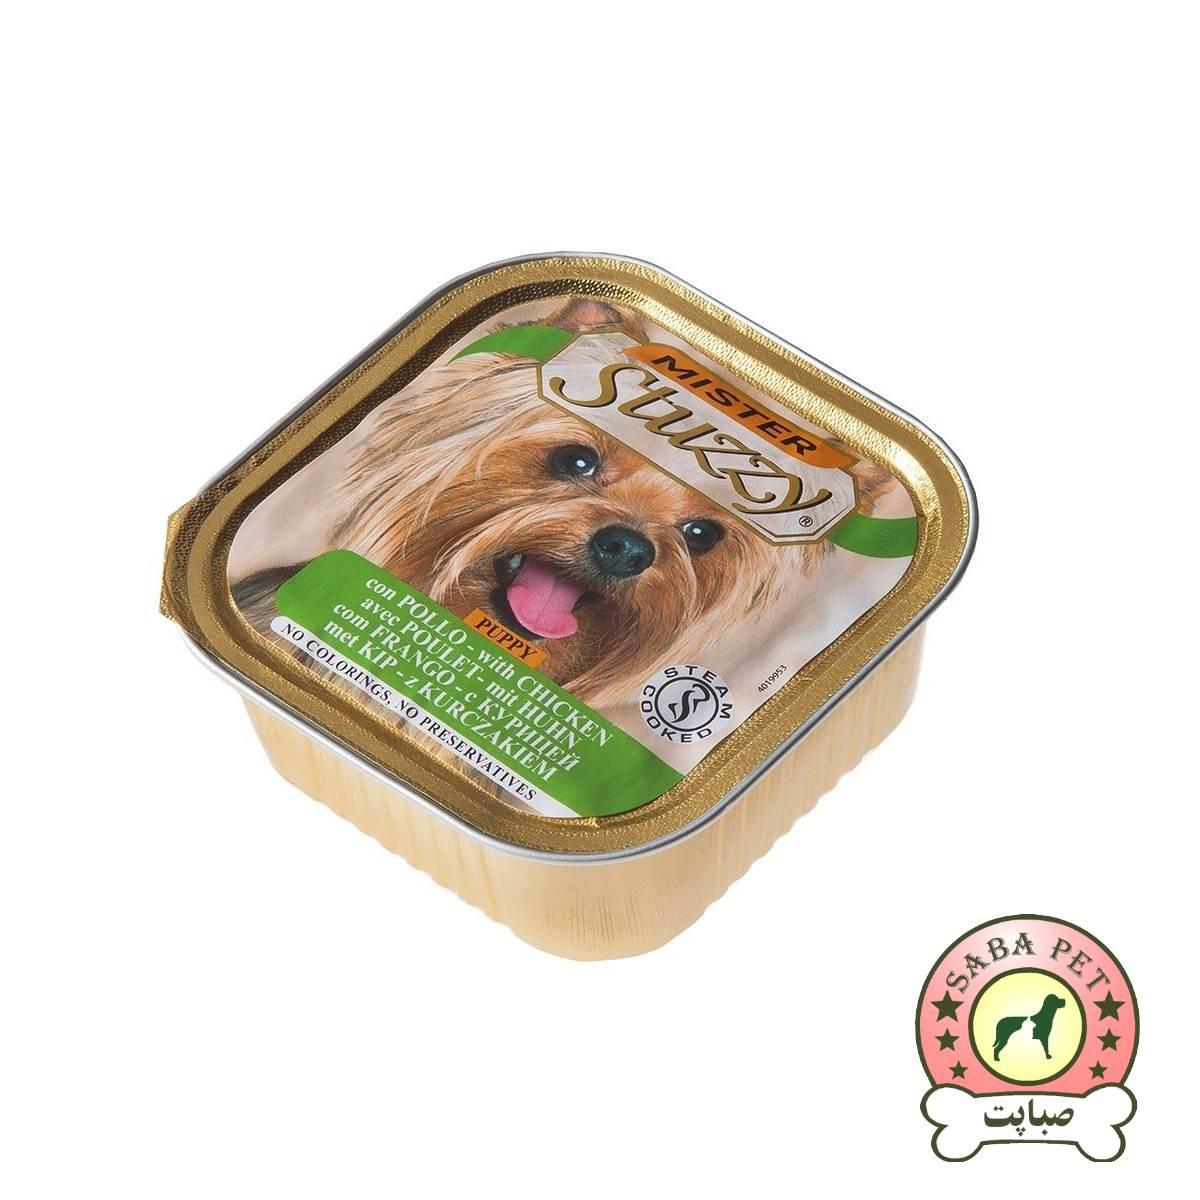 کنسرو توله سگ با طعم مرغ 150 گرم Stuzzy